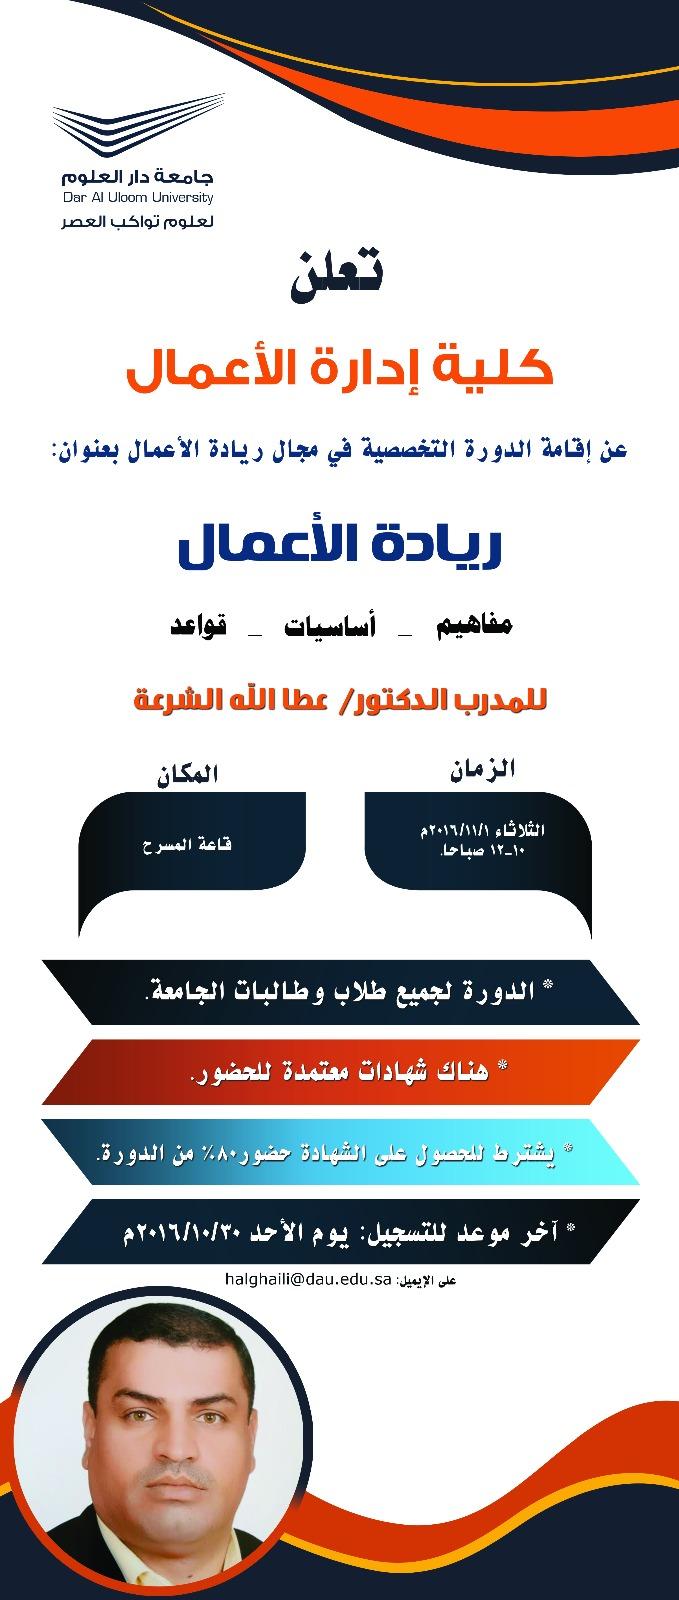 كلية إدارة الأعمال تعلن عن إقامة الدورة التخصصية المجانية في ريادة الأعمال